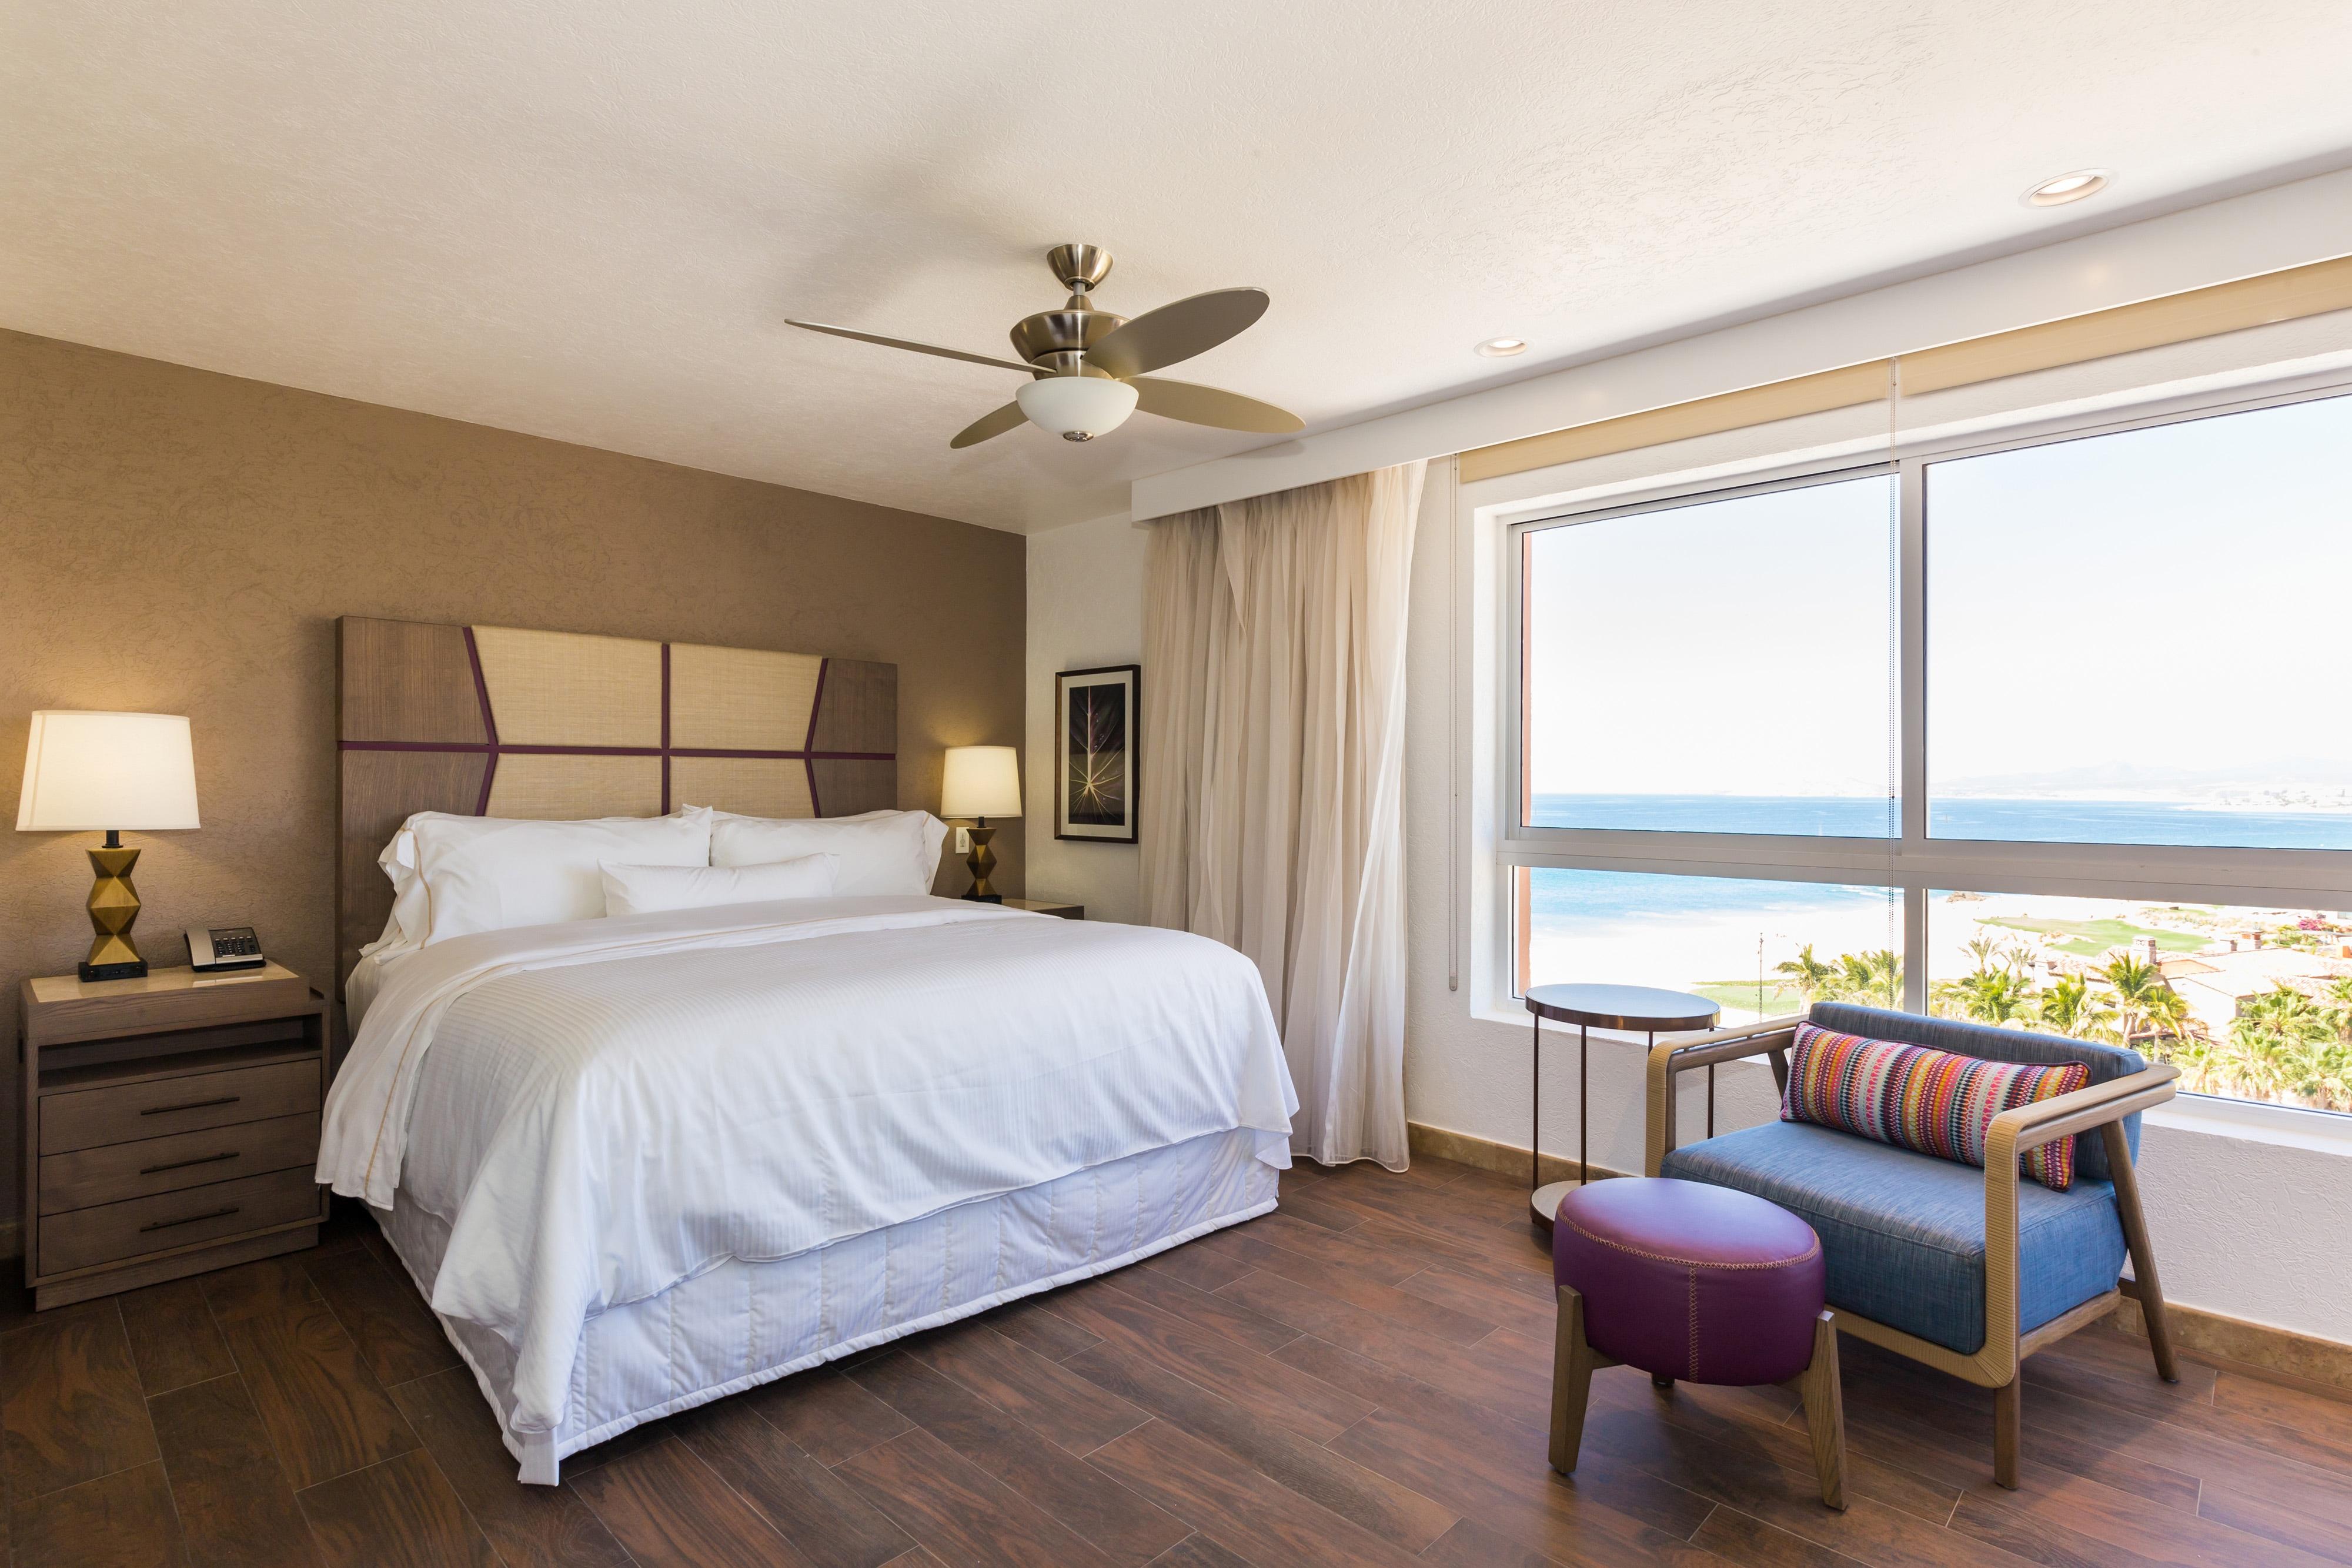 Vila Baja Point com um quarto com vista para o mar - Quarto